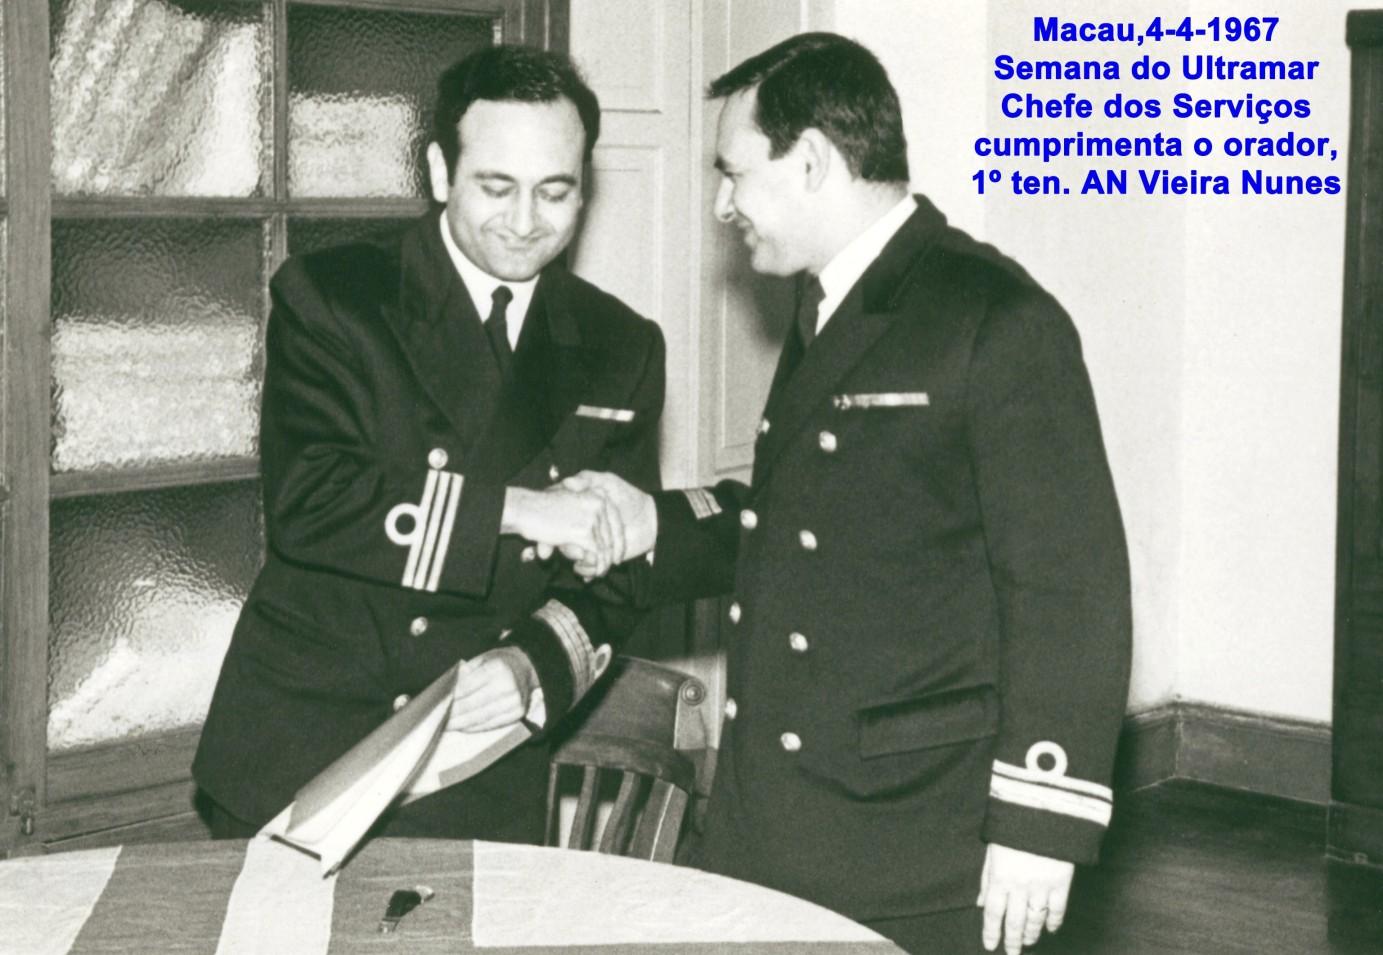 028 67-04-04 Chefe dos Serviços de Marinha cumprimenta o orador